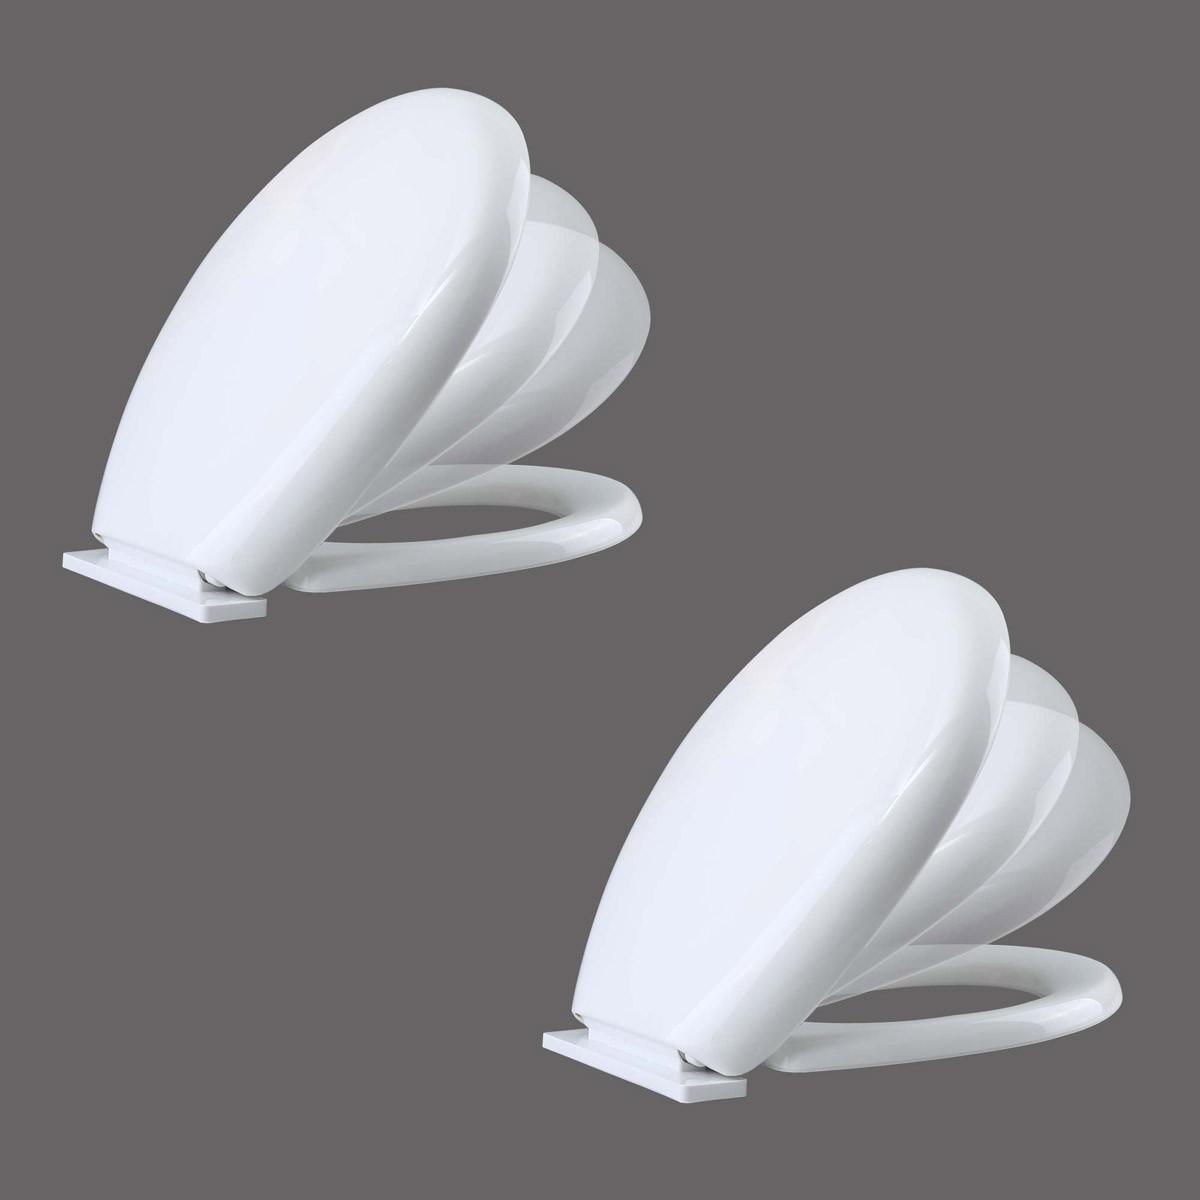 non slam toilet seat. Toilet Seat Slow EZ Close No Slam Plastic Round White Set of 2